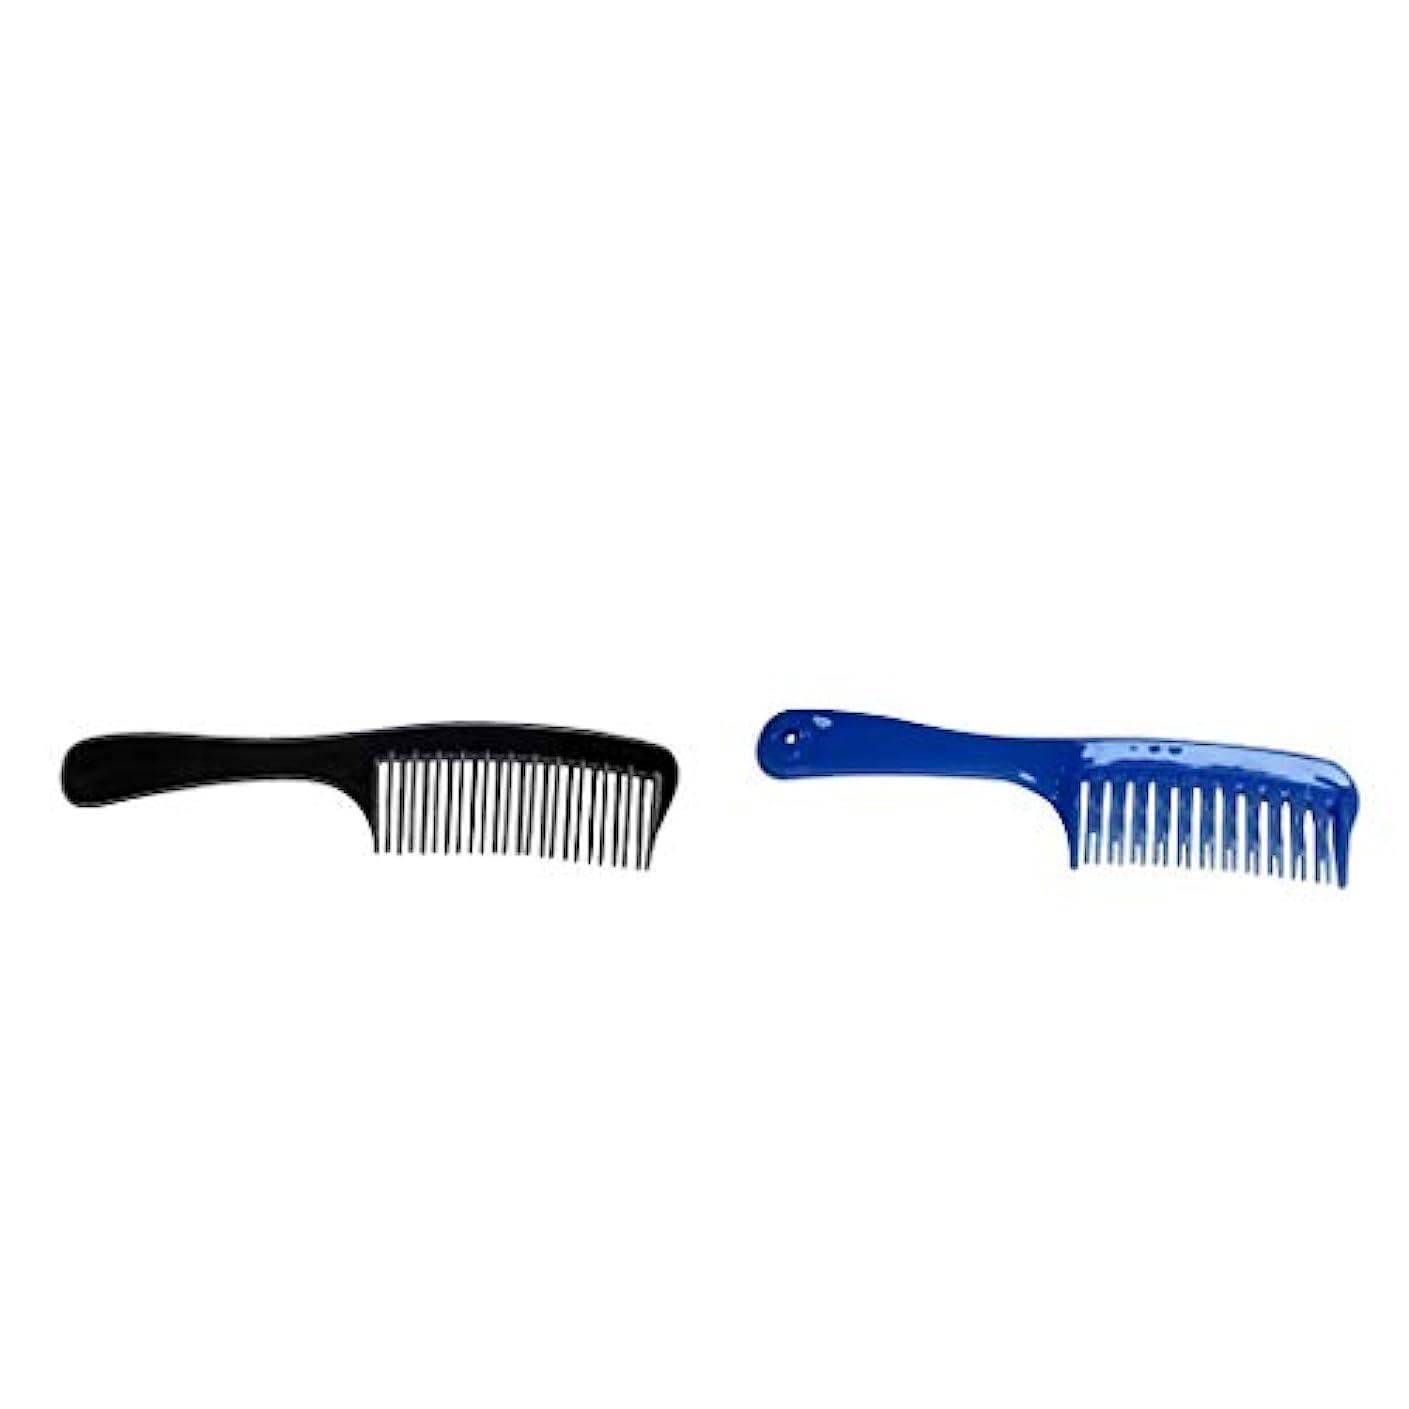 夕食を食べる特徴動かないToygogo 理髪店大きいDetanglerのもつれを解く毛の櫛、二重湾曲した歯の櫛様式、耐久のプラスチック、抵抗力がある漂白剤の色